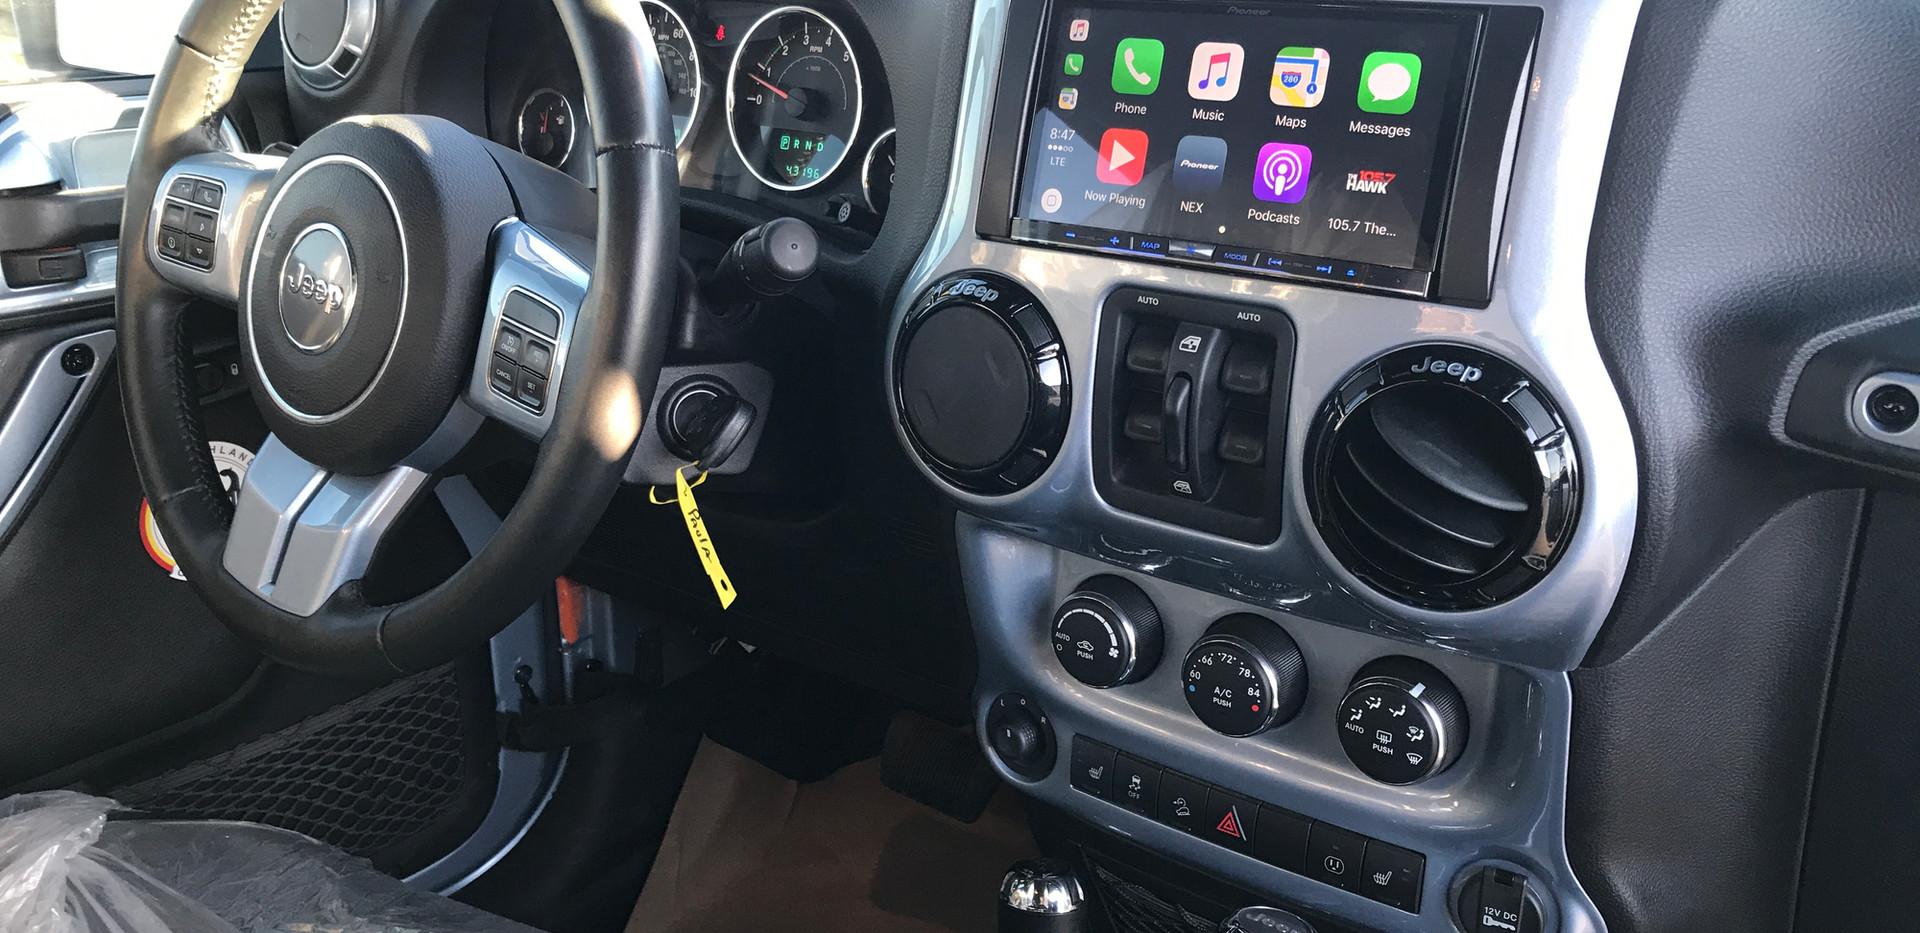 Silver and Black Jeep Interior